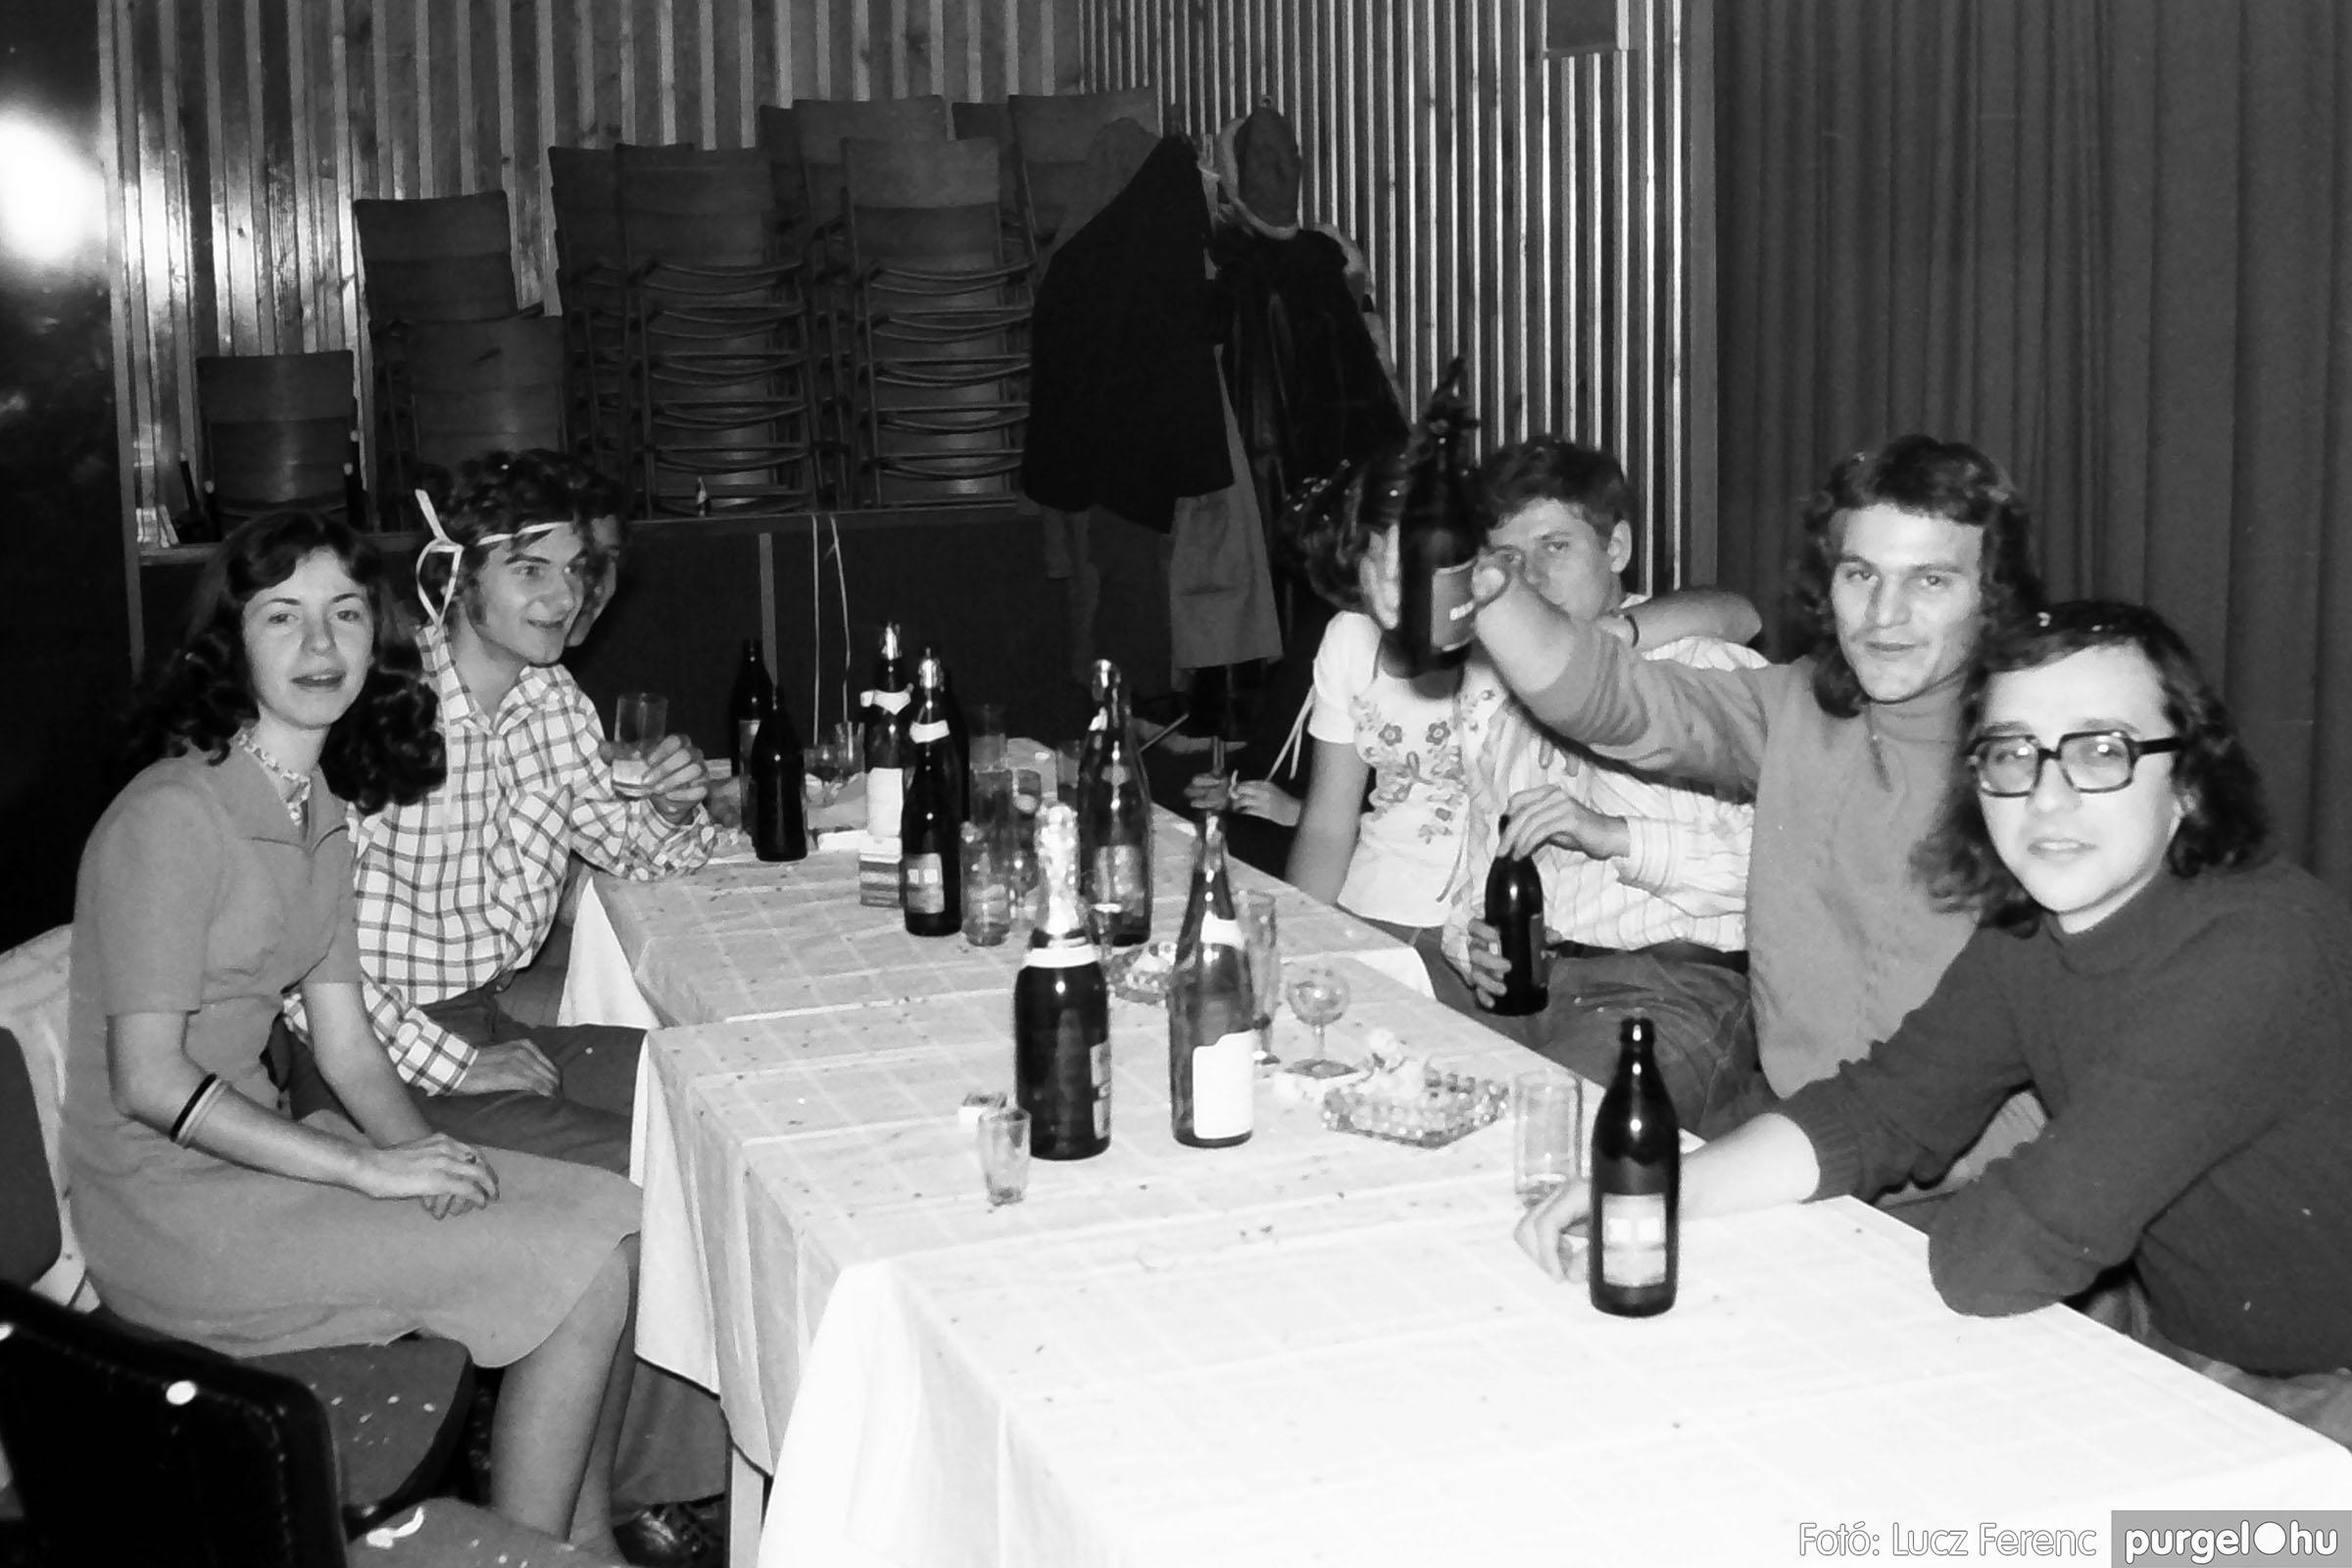 030. 1975.12.31. Szilveszter a kultúrházban 012 - Fotó: Lucz Ferenc.jpg